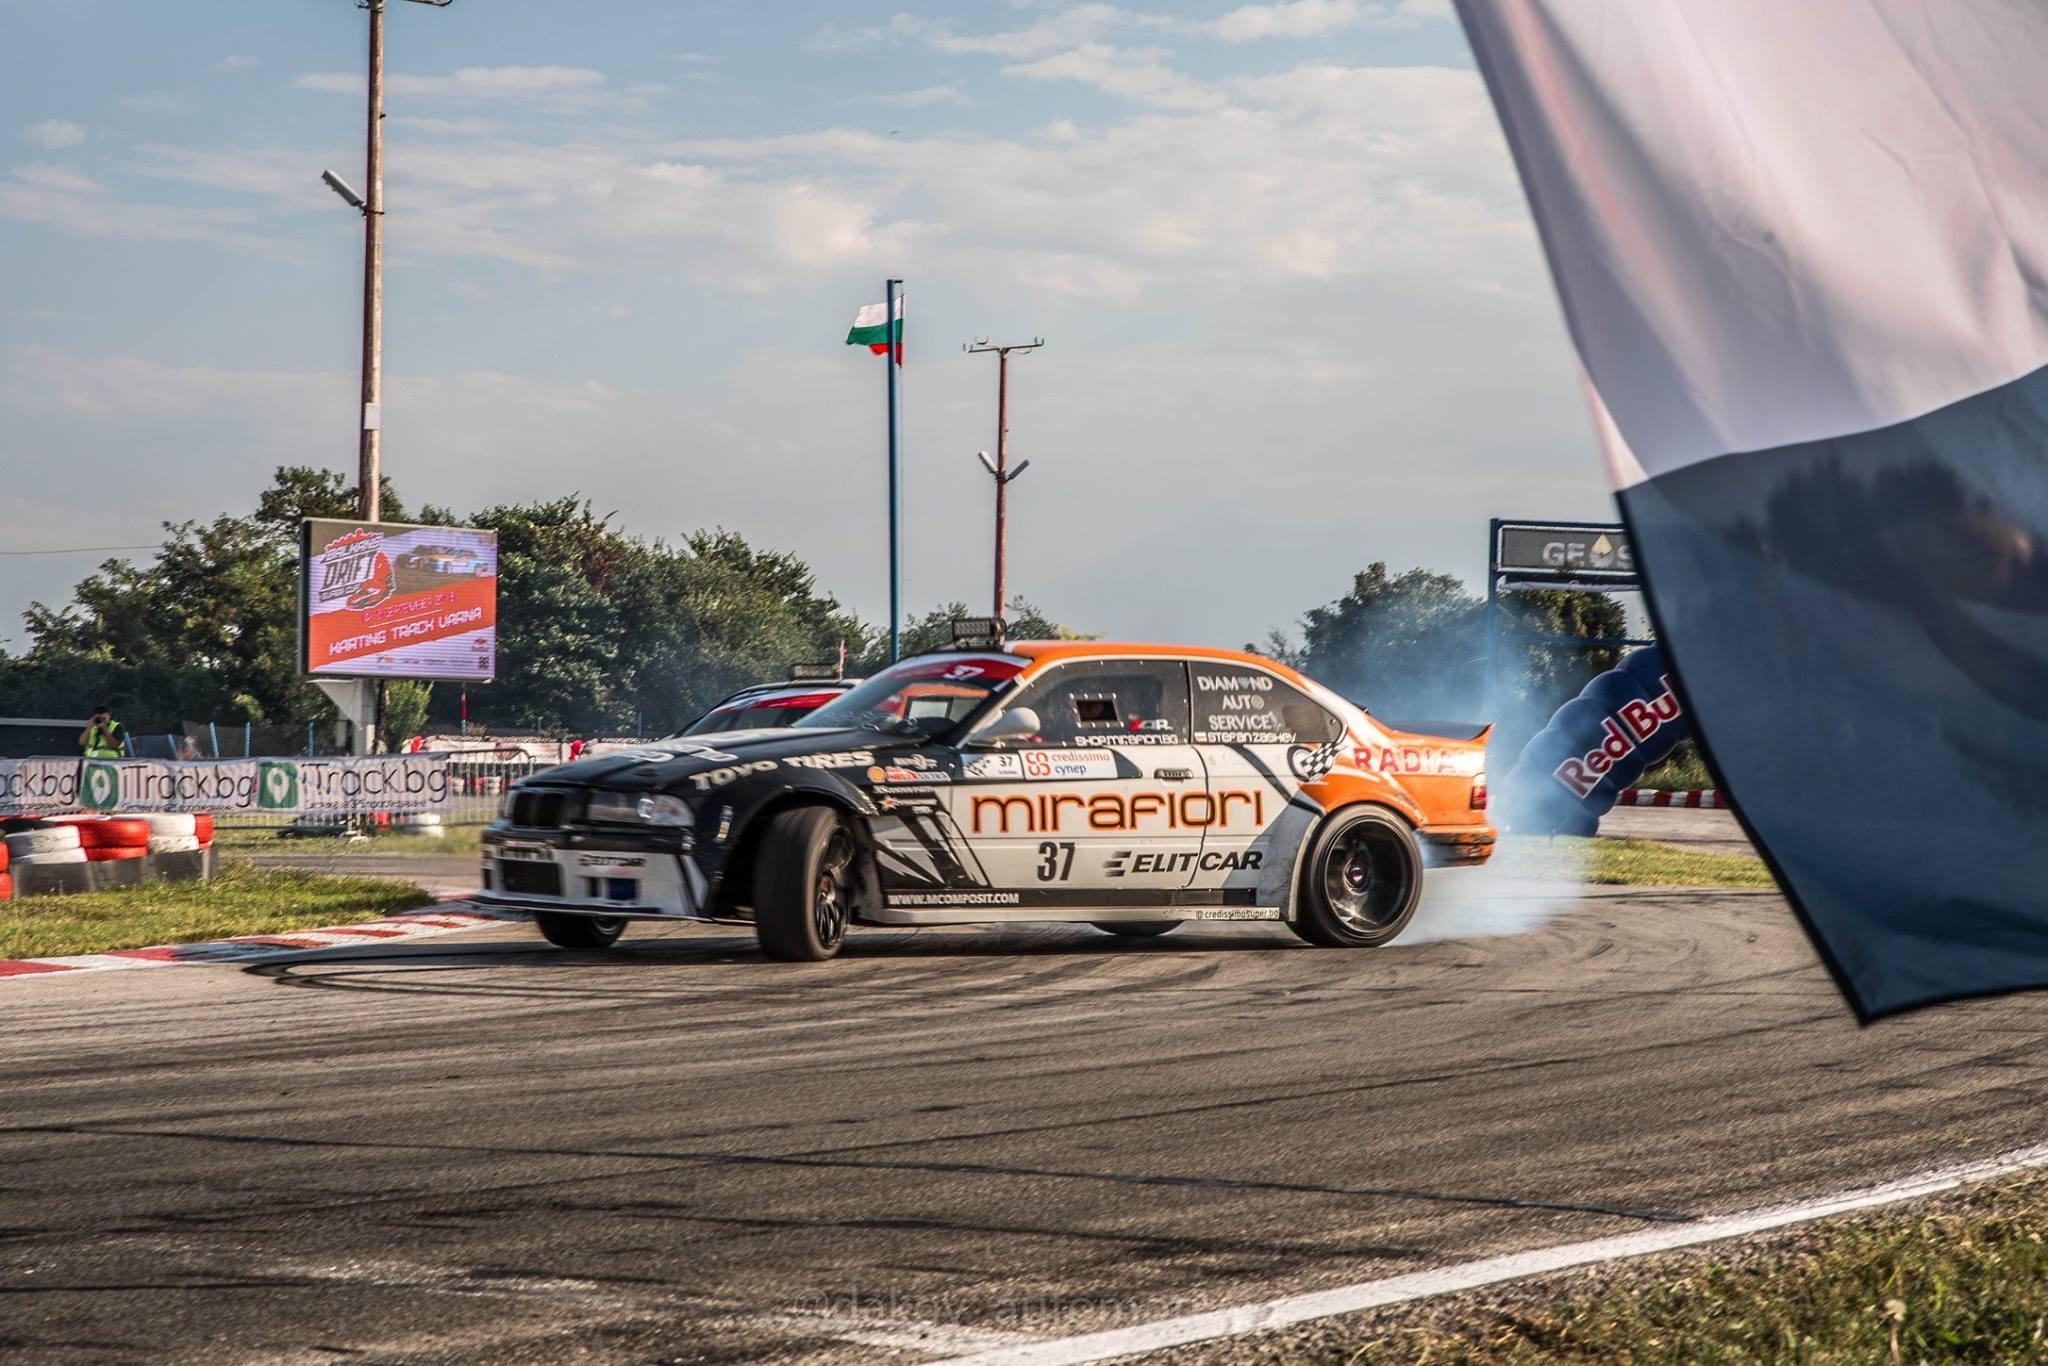 Българският автомобилен състезател Стефан Цанков-Арчи спечели Balkans Drift SuperCup 2018.